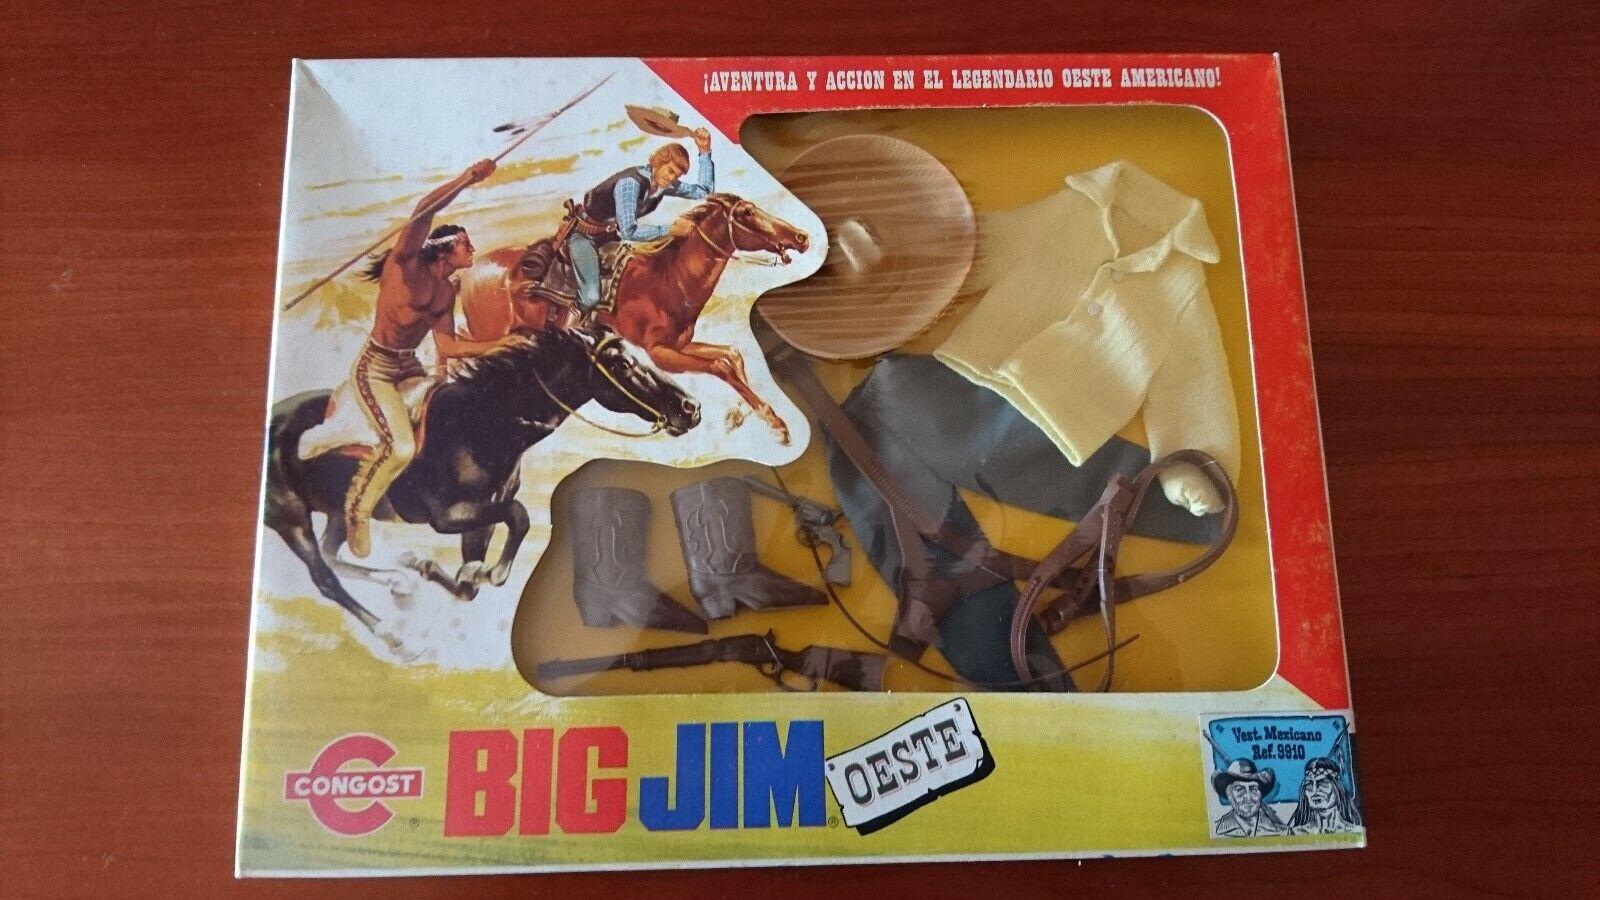 BIG JIM MATTEL CONGOST OESTE VEST. MEXICANO REF. 9910 BELLO E IN OTTIMO STATO..